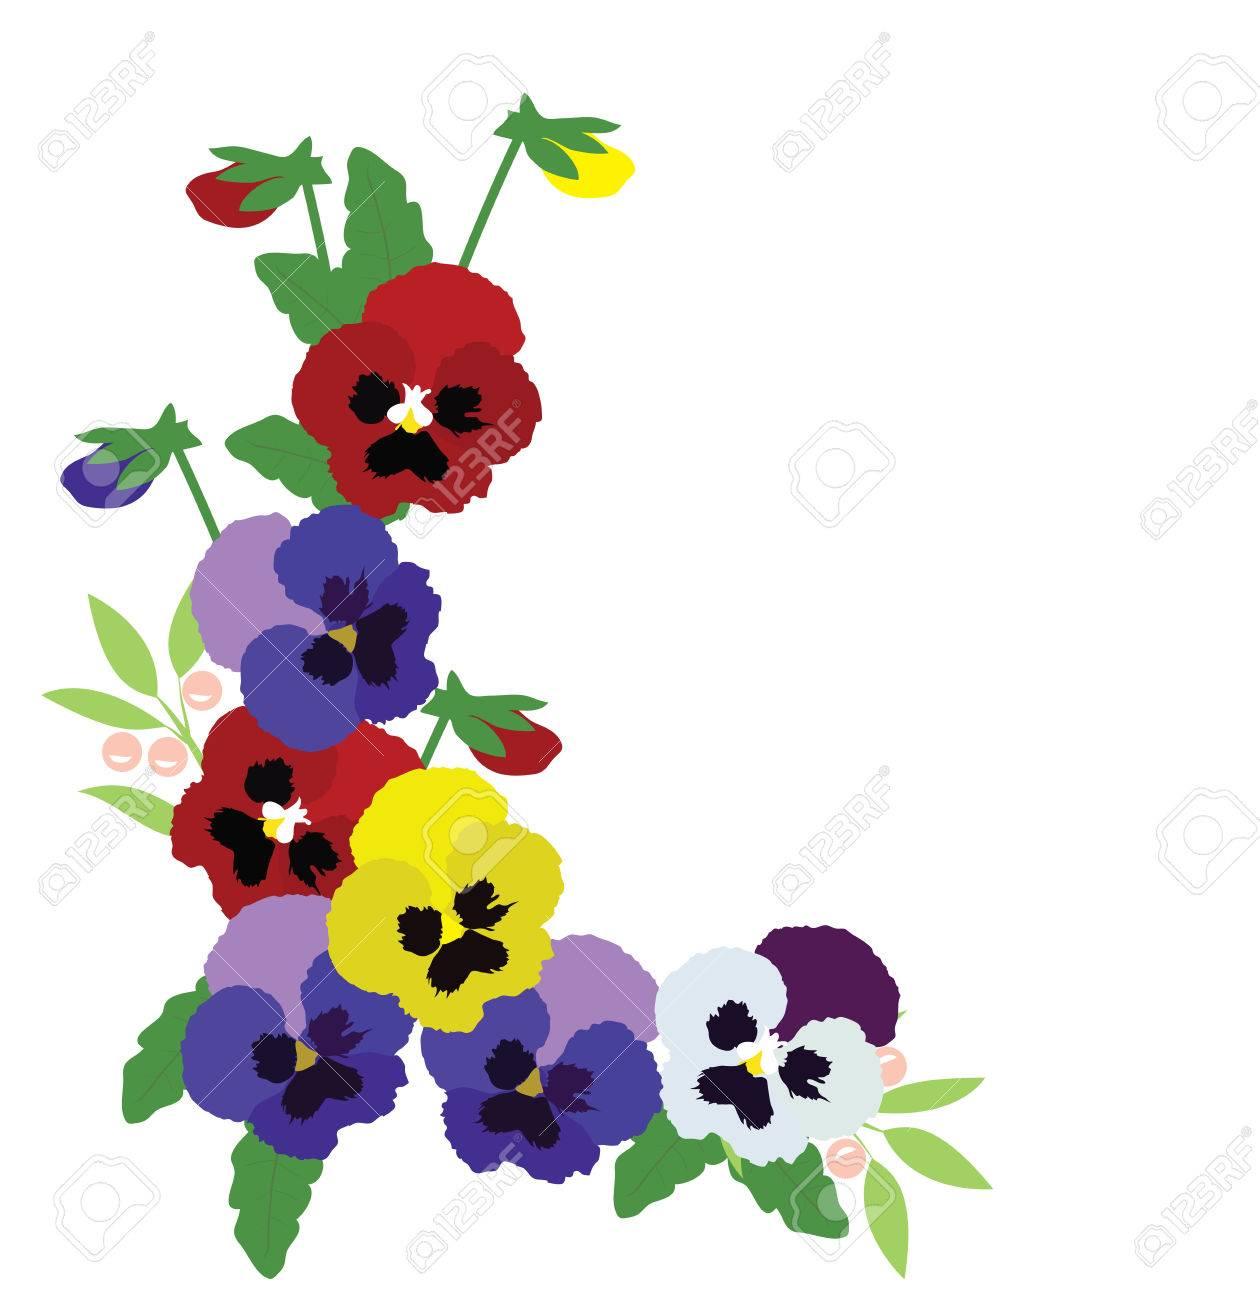 パンジーの花の背景のベクトル イラストのイラスト素材ベクタ Image